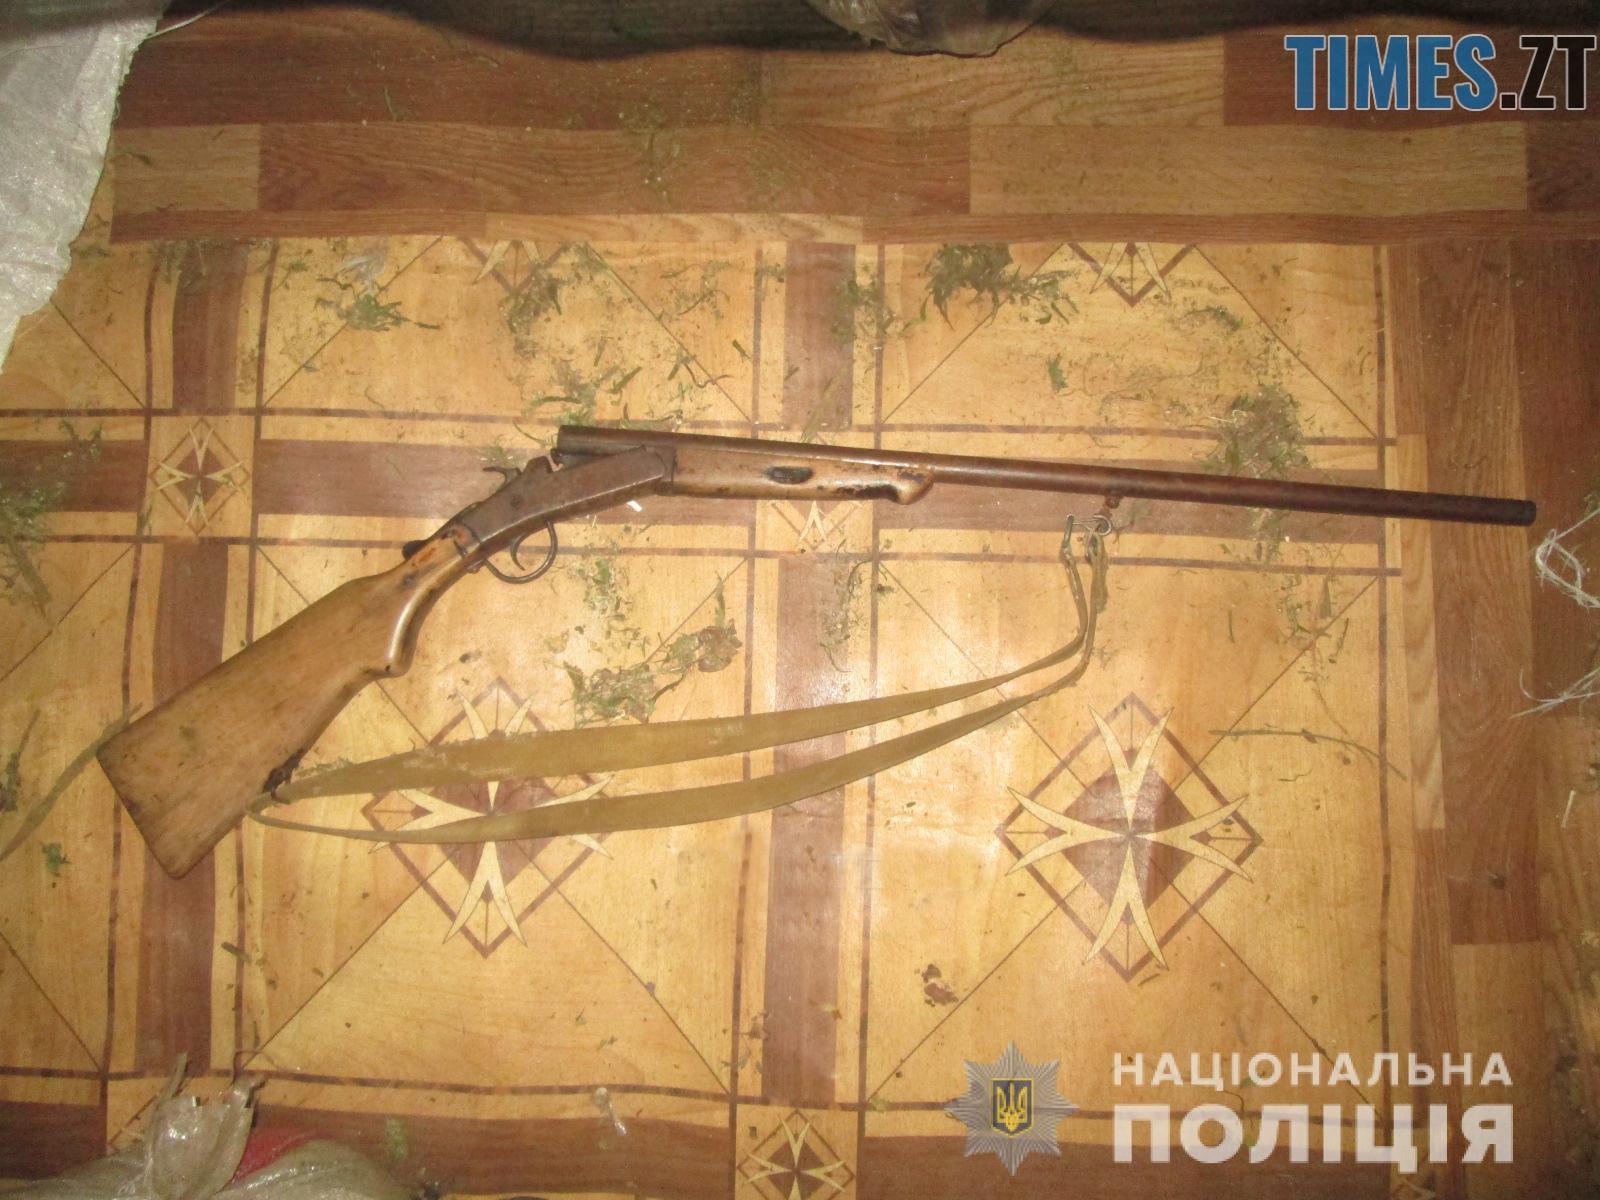 IMG 3082 - Наркоплантатор по-бердичівськи: поліція вилучила у місцевого жителя півтонни коноплі